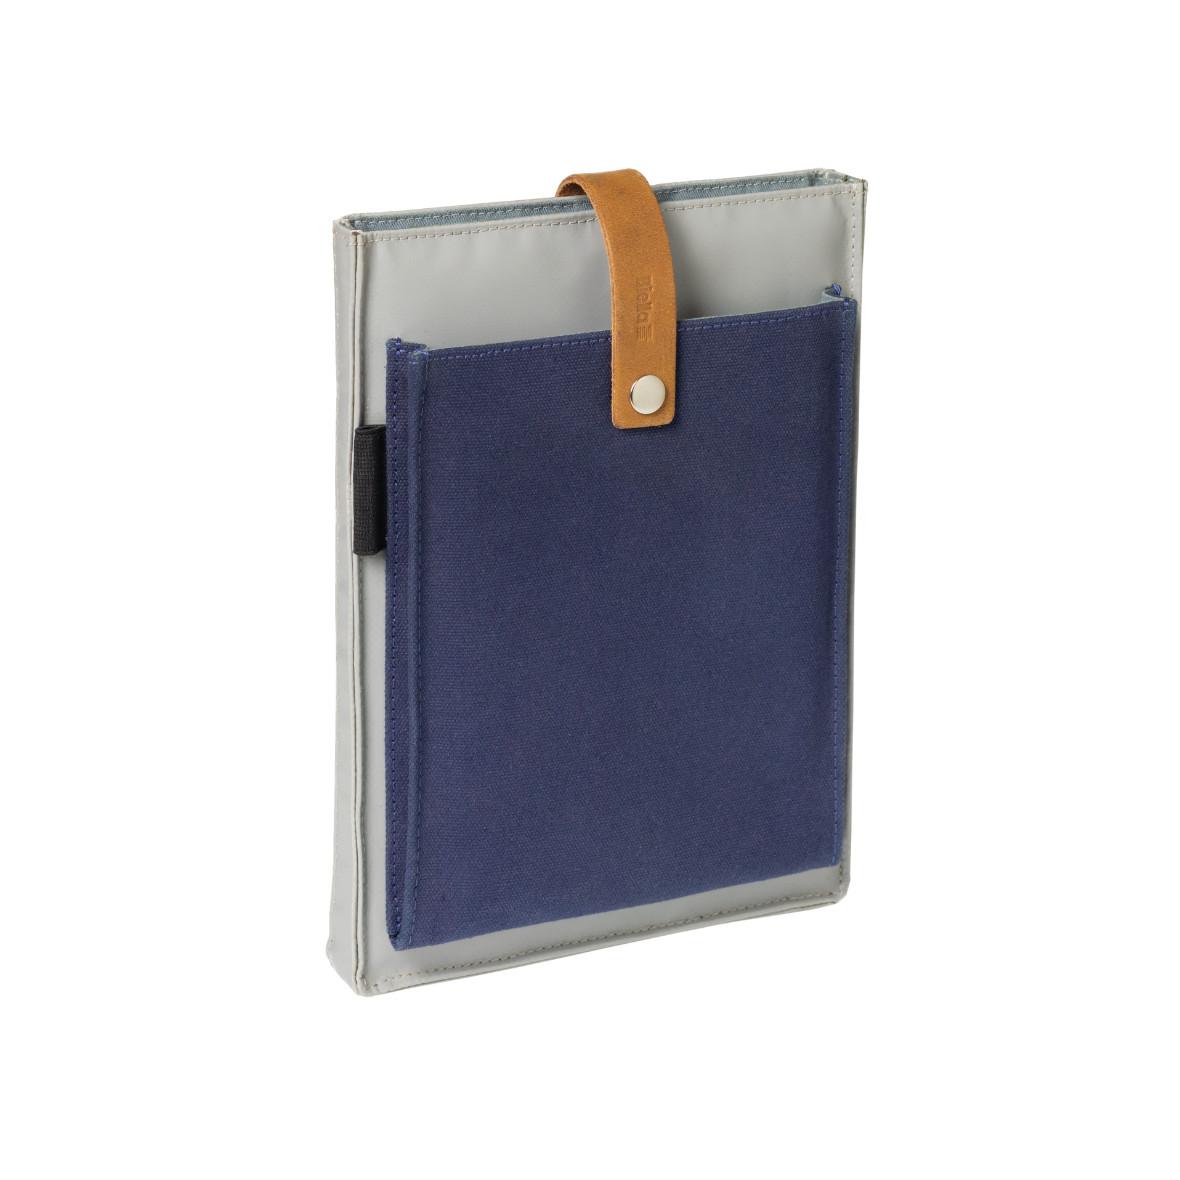 Tablet Sleeve der Collection Bundesordner von Biella